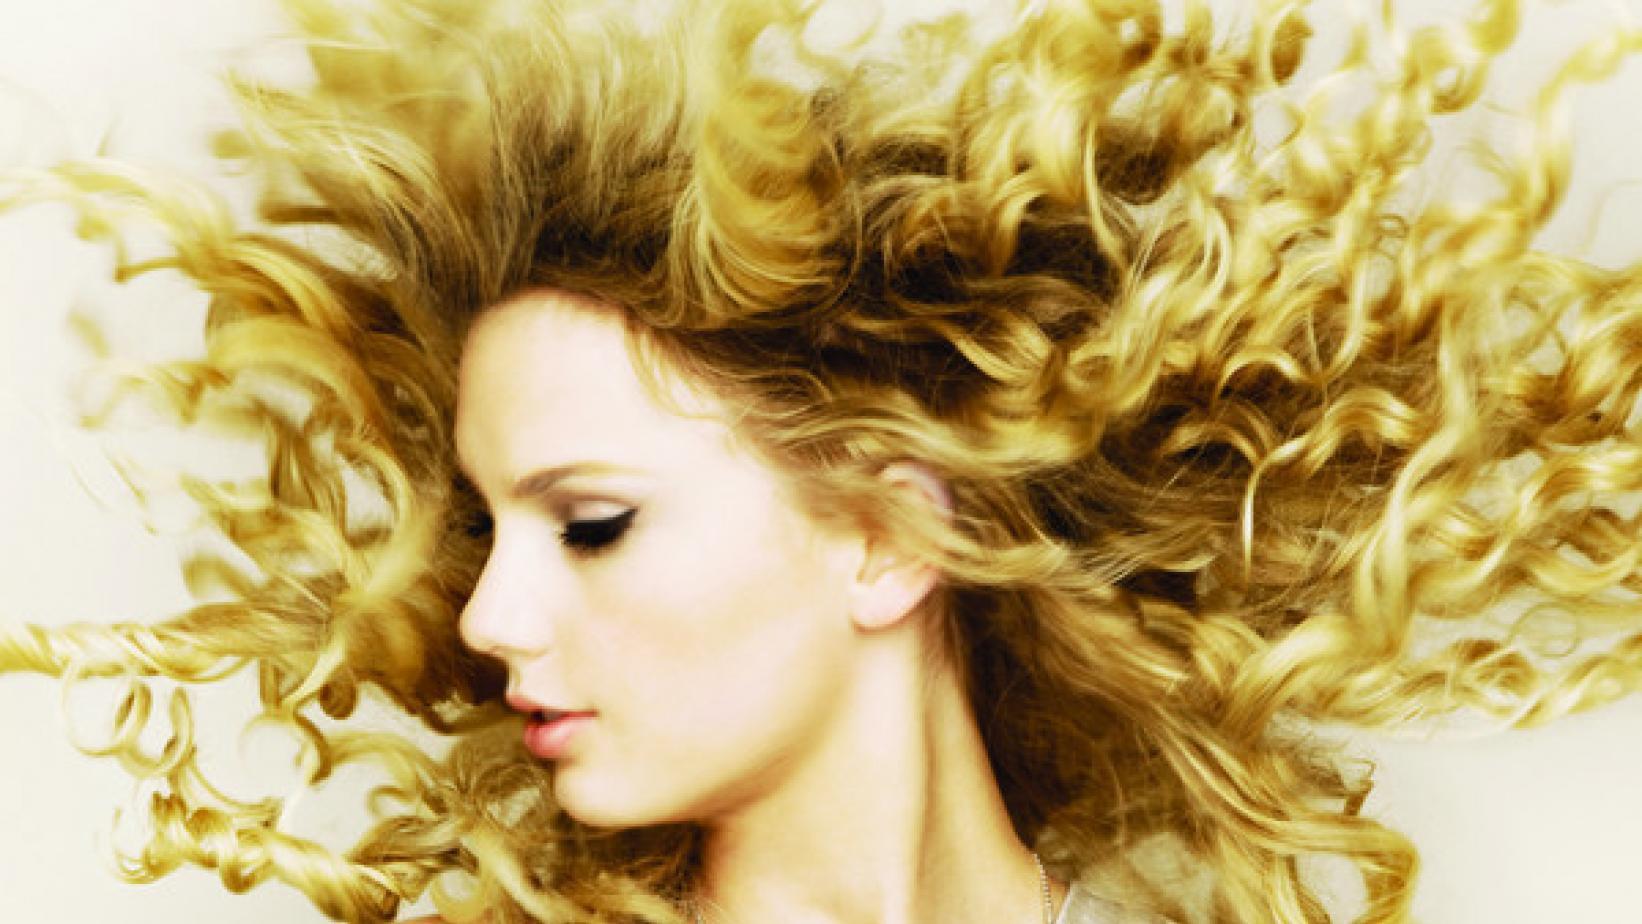 Bạn sẽ bất ngờ khi biết Taylor Swift có tới 3 album từng lập kỉ lục cực khủng tại Billboard 200 - Ảnh 2.